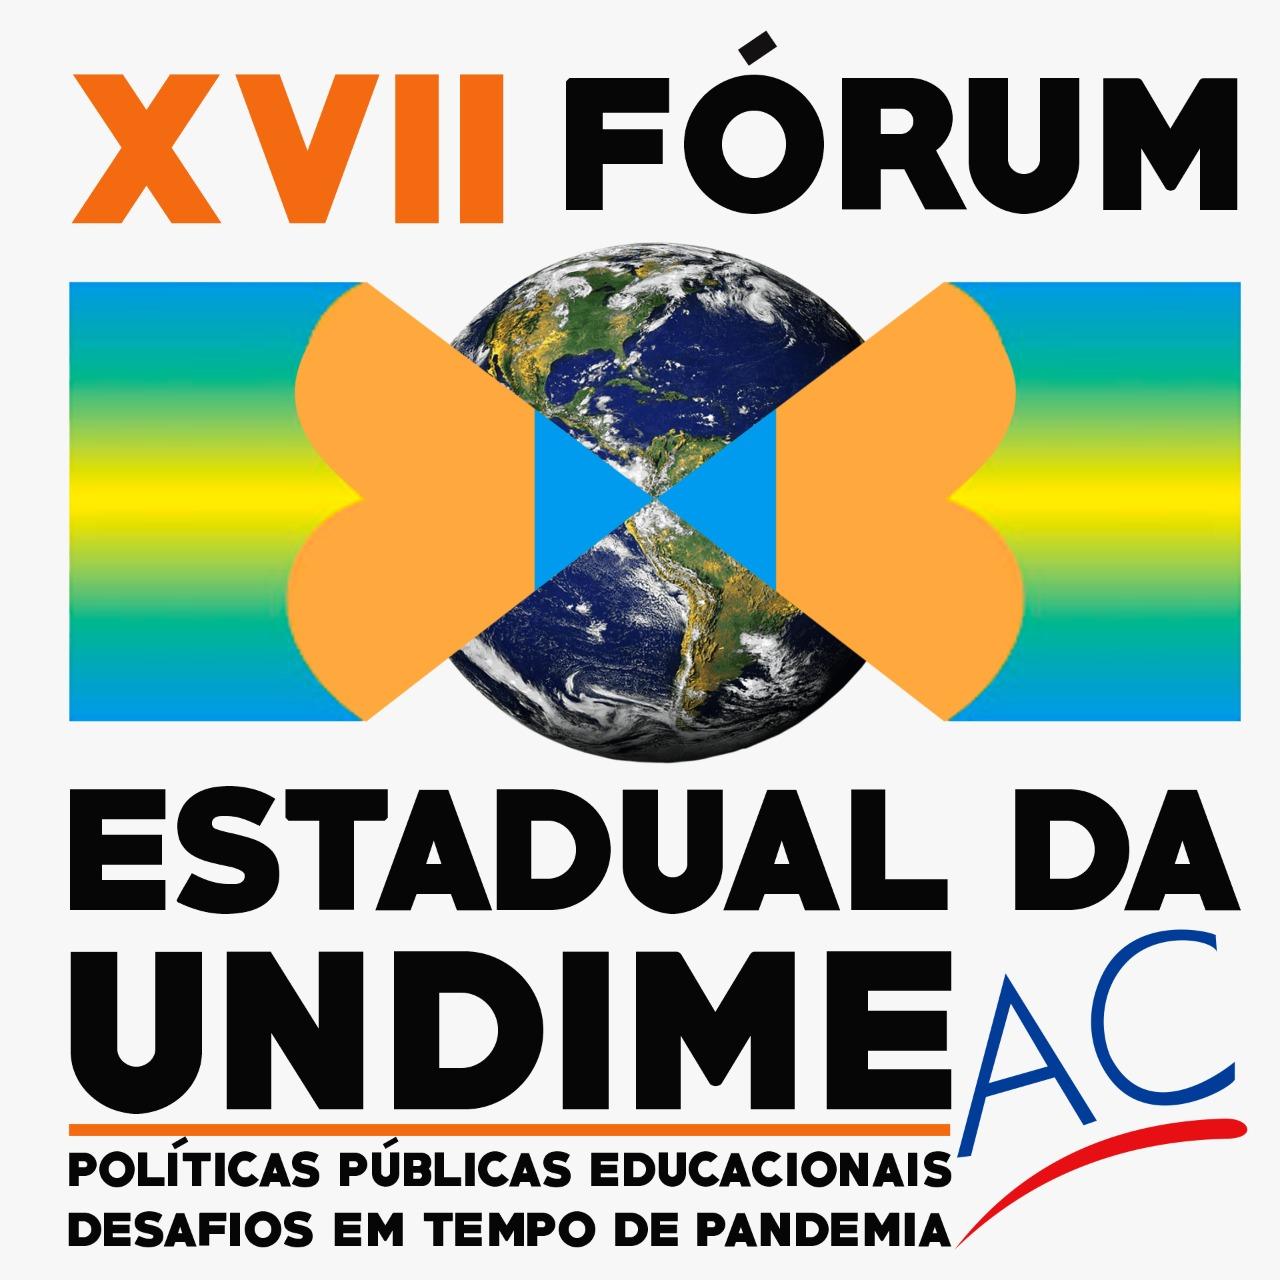 Fórum da Undime Acre debate políticas públicas educacionais em tempos de pandemia